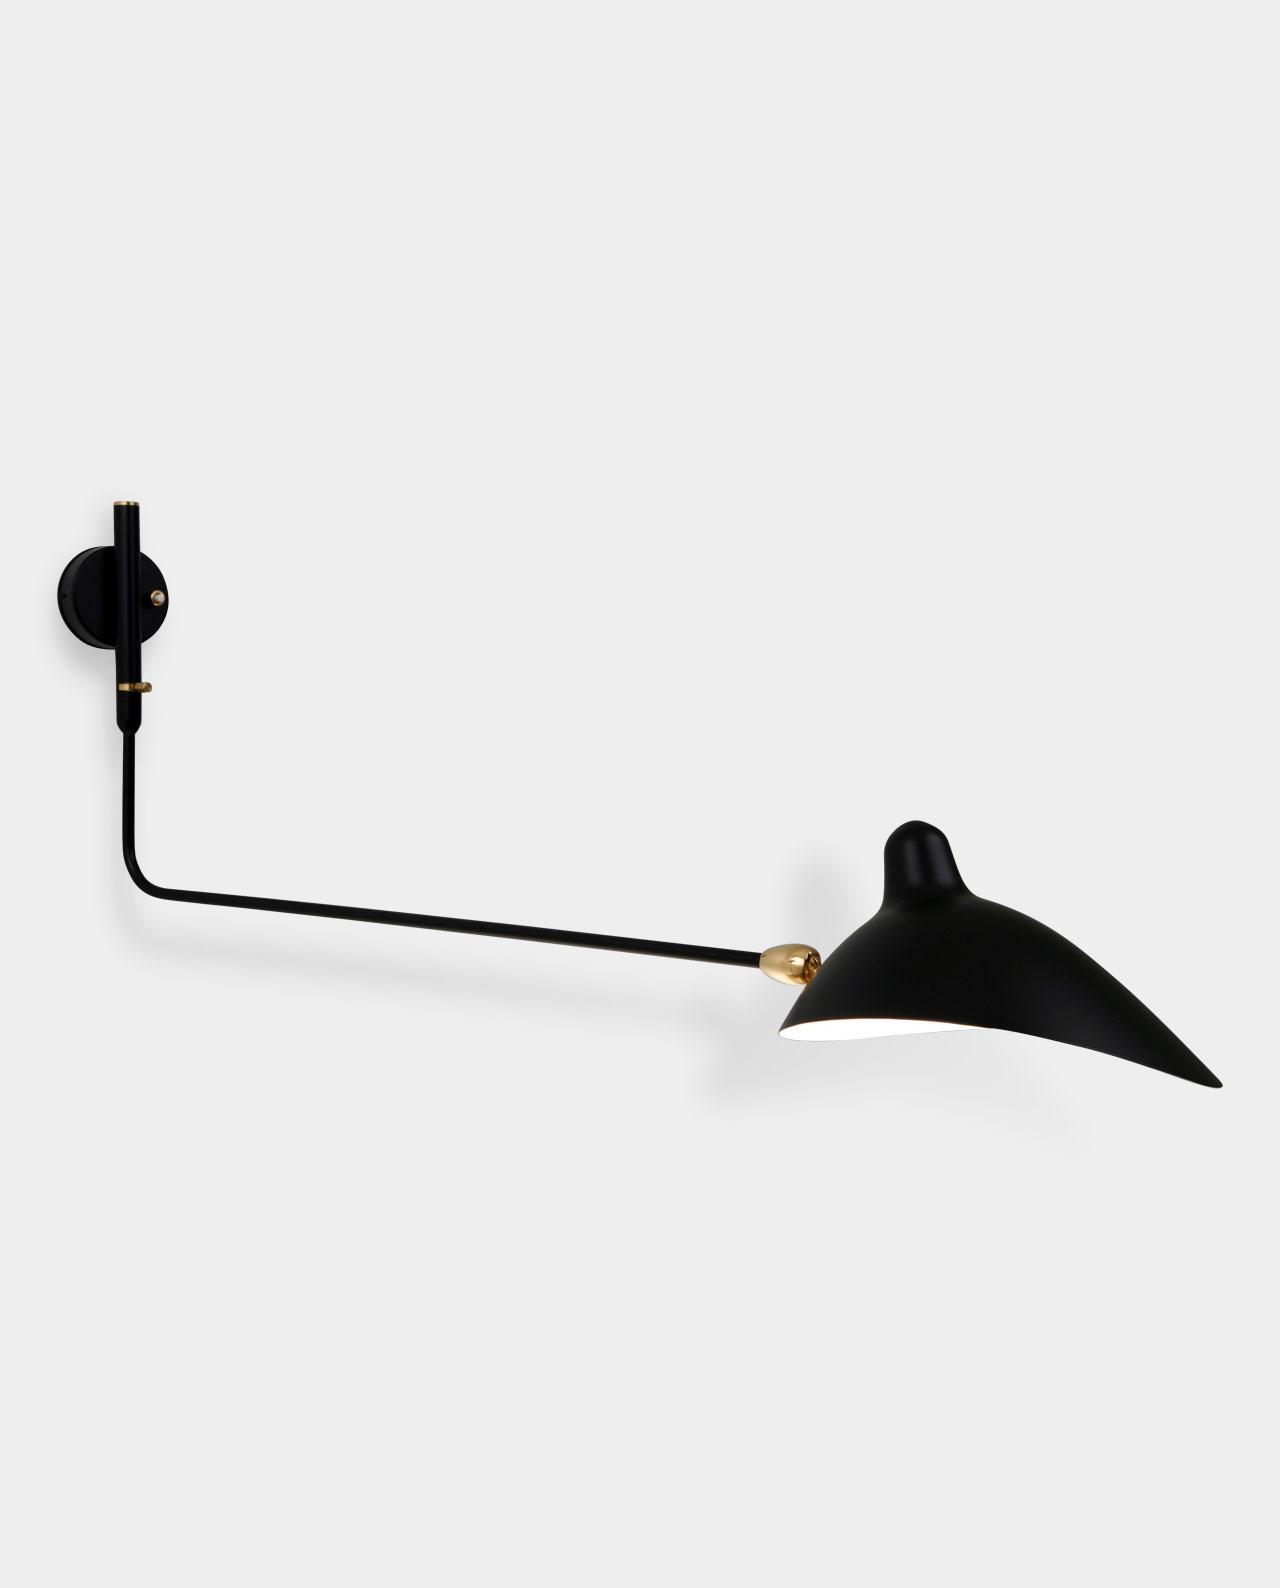 applique 1 bras droit pivotant. Black Bedroom Furniture Sets. Home Design Ideas